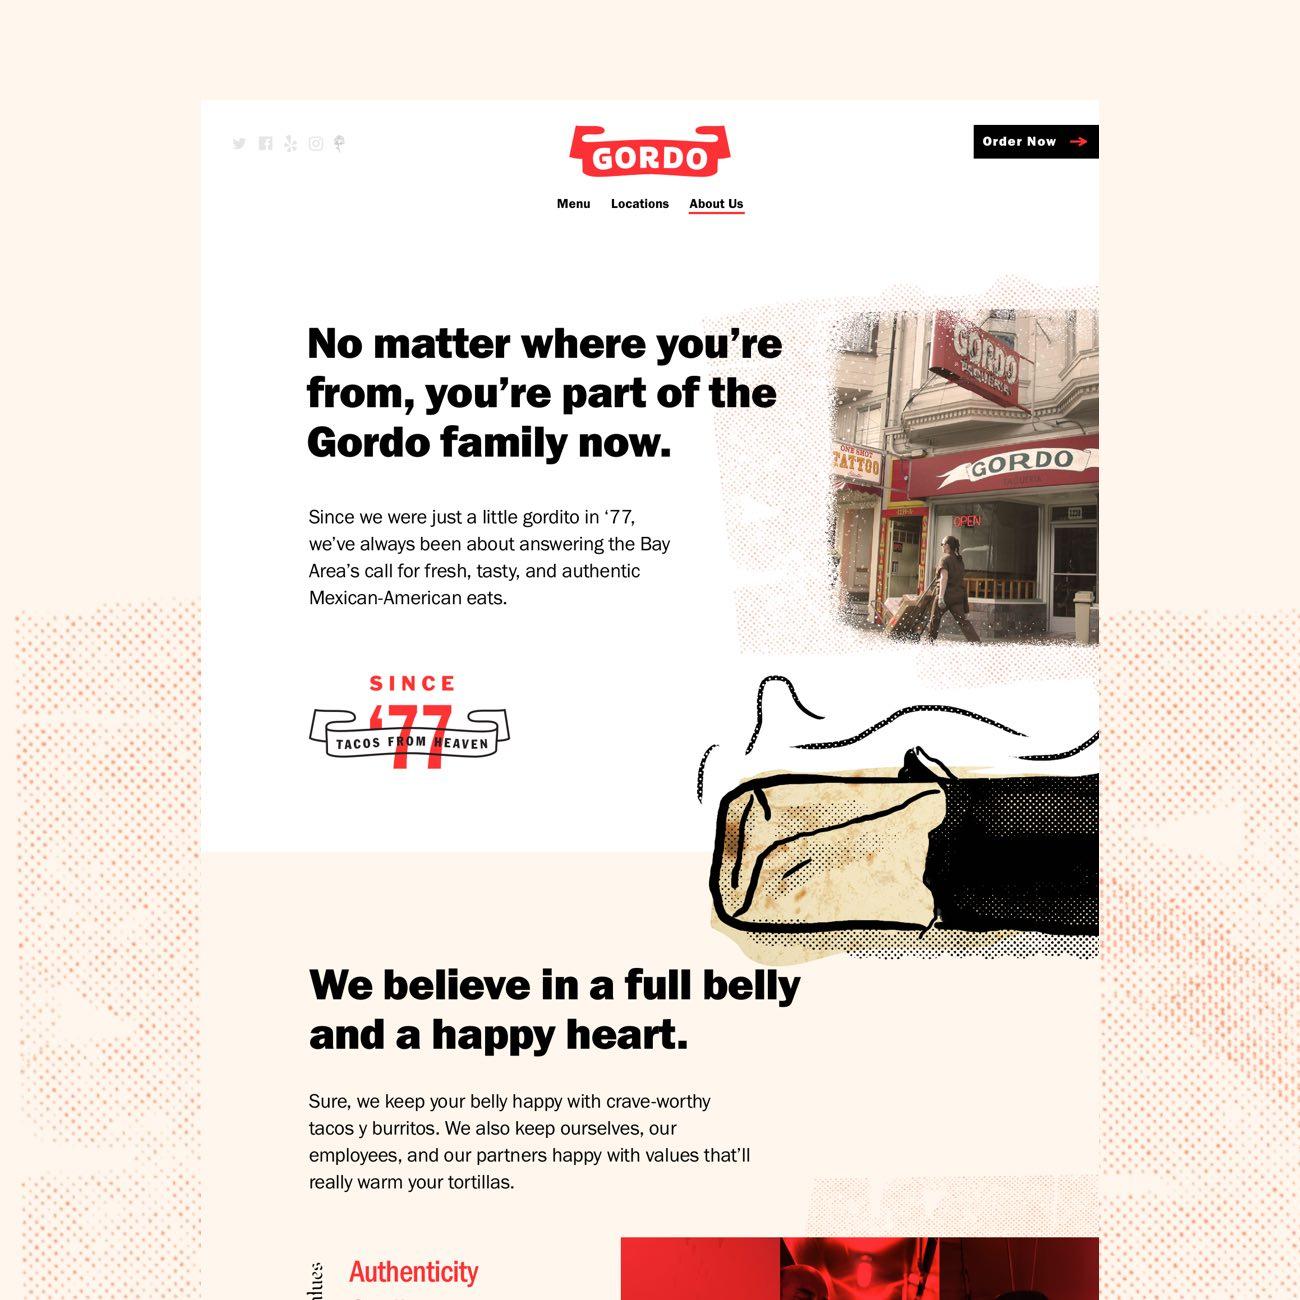 Сайт и бренд-дизайн от Focus Lab для калифорнийского кафе Gordo Taqueria